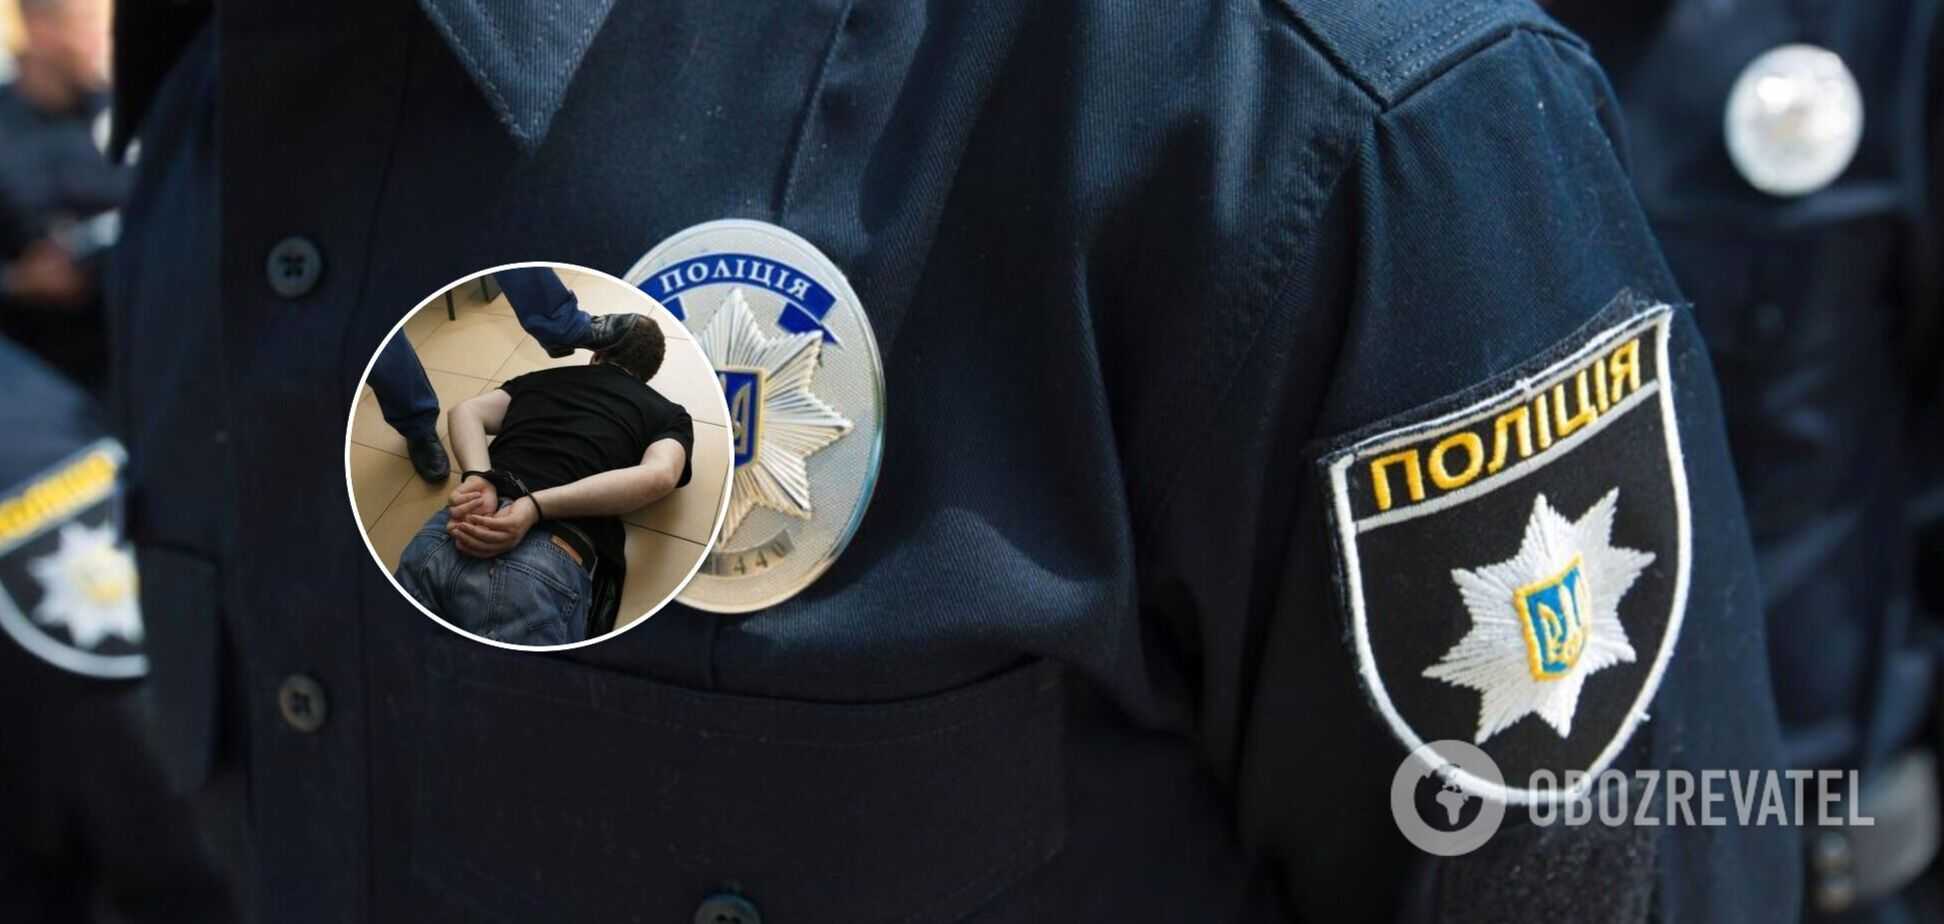 На Черкащині поліцейських звинуватили в катуванні, розпочато розслідування